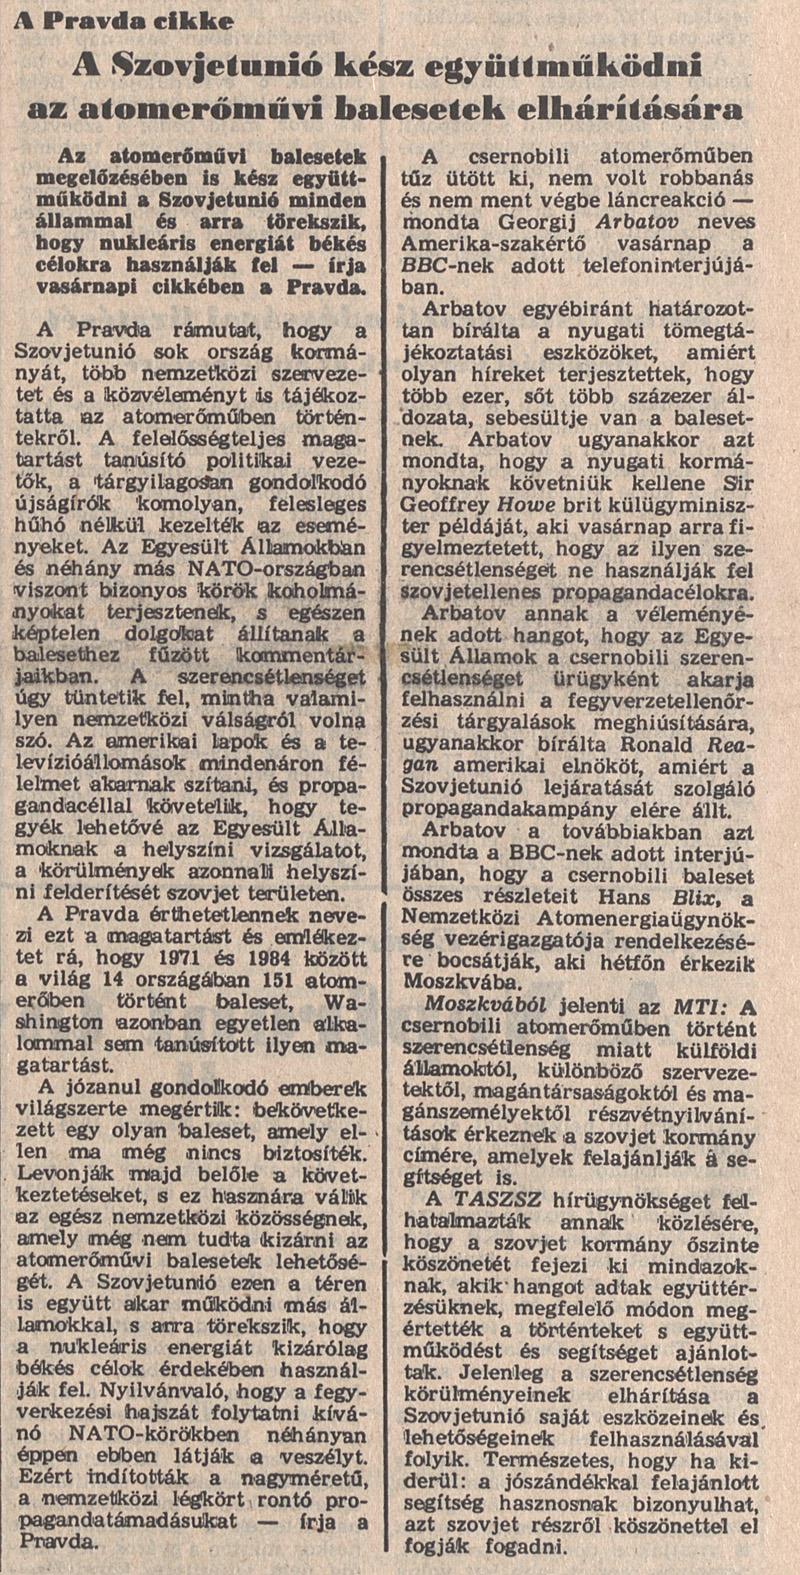 Magyar Nemzet 1986. május 5. Címlap. OSZK Törzsgyűjtemény